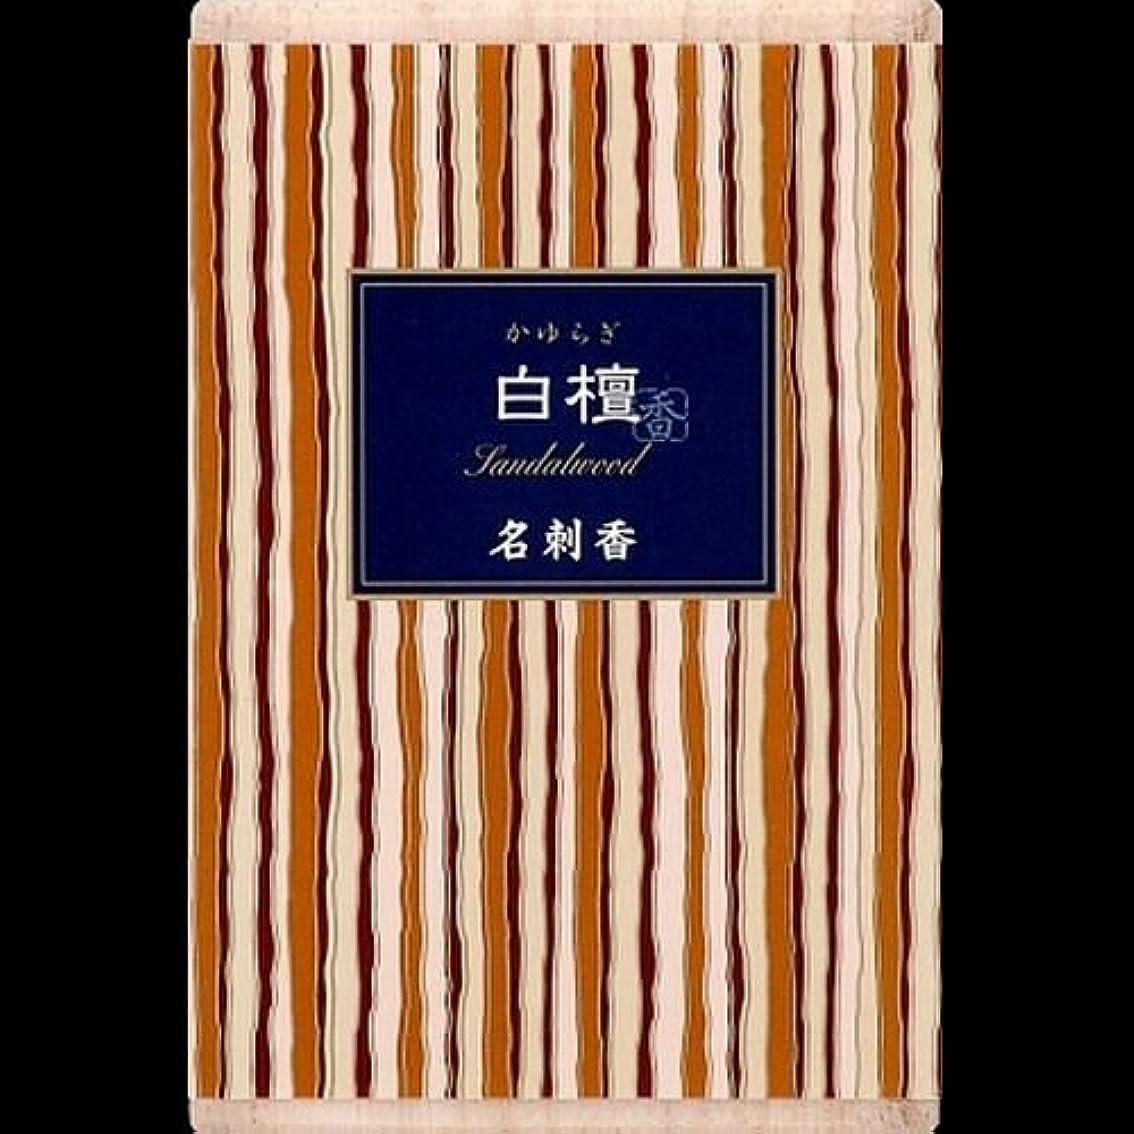 【まとめ買い】かゆらぎ 白檀 名刺香 桐箱 6入 ×2セット